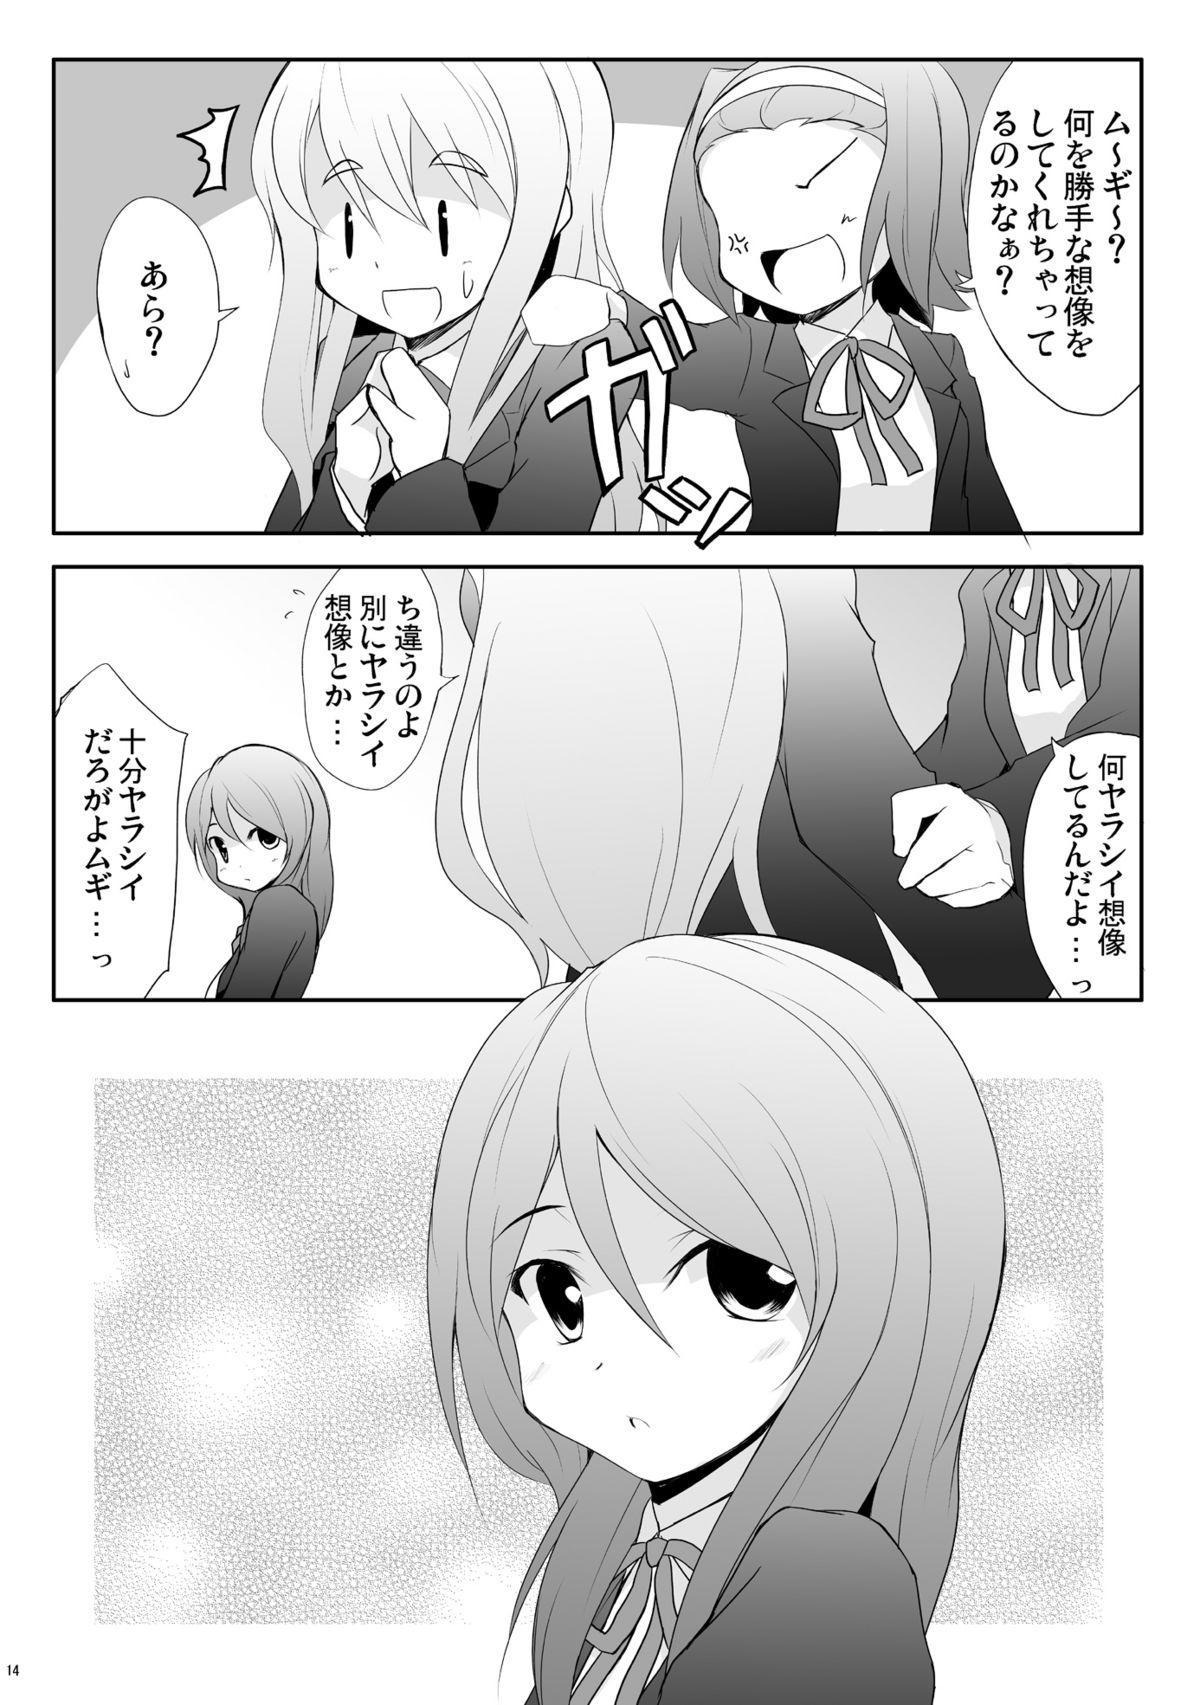 Nounai De Shori Shiro! 10